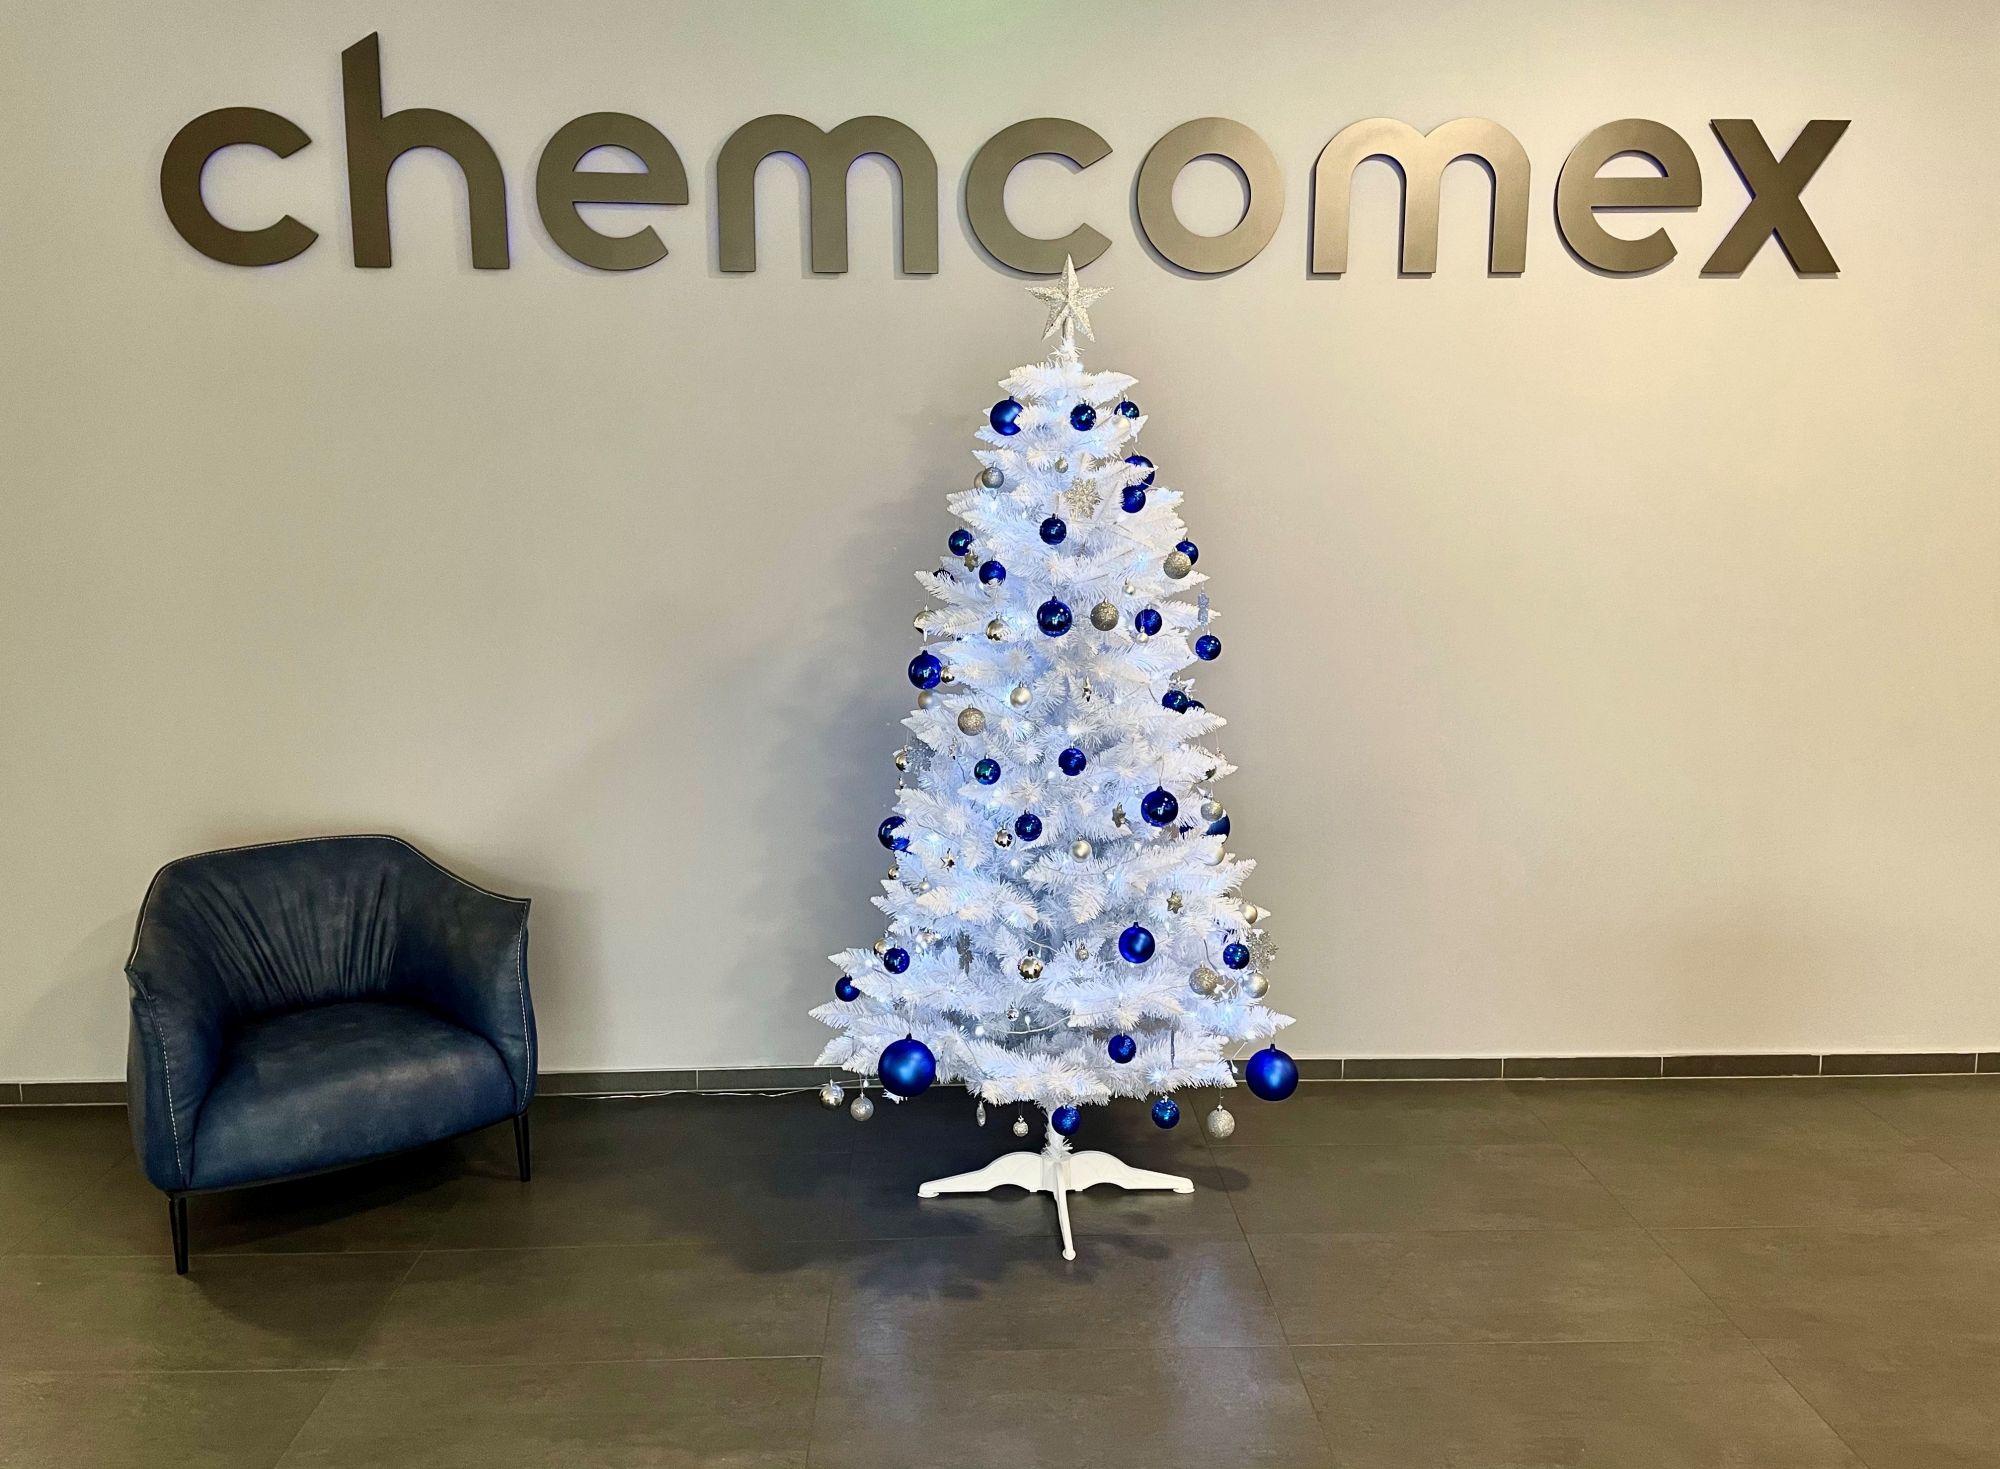 Krásné svátky ve zdraví Vám přeje CHEMCOMEX!